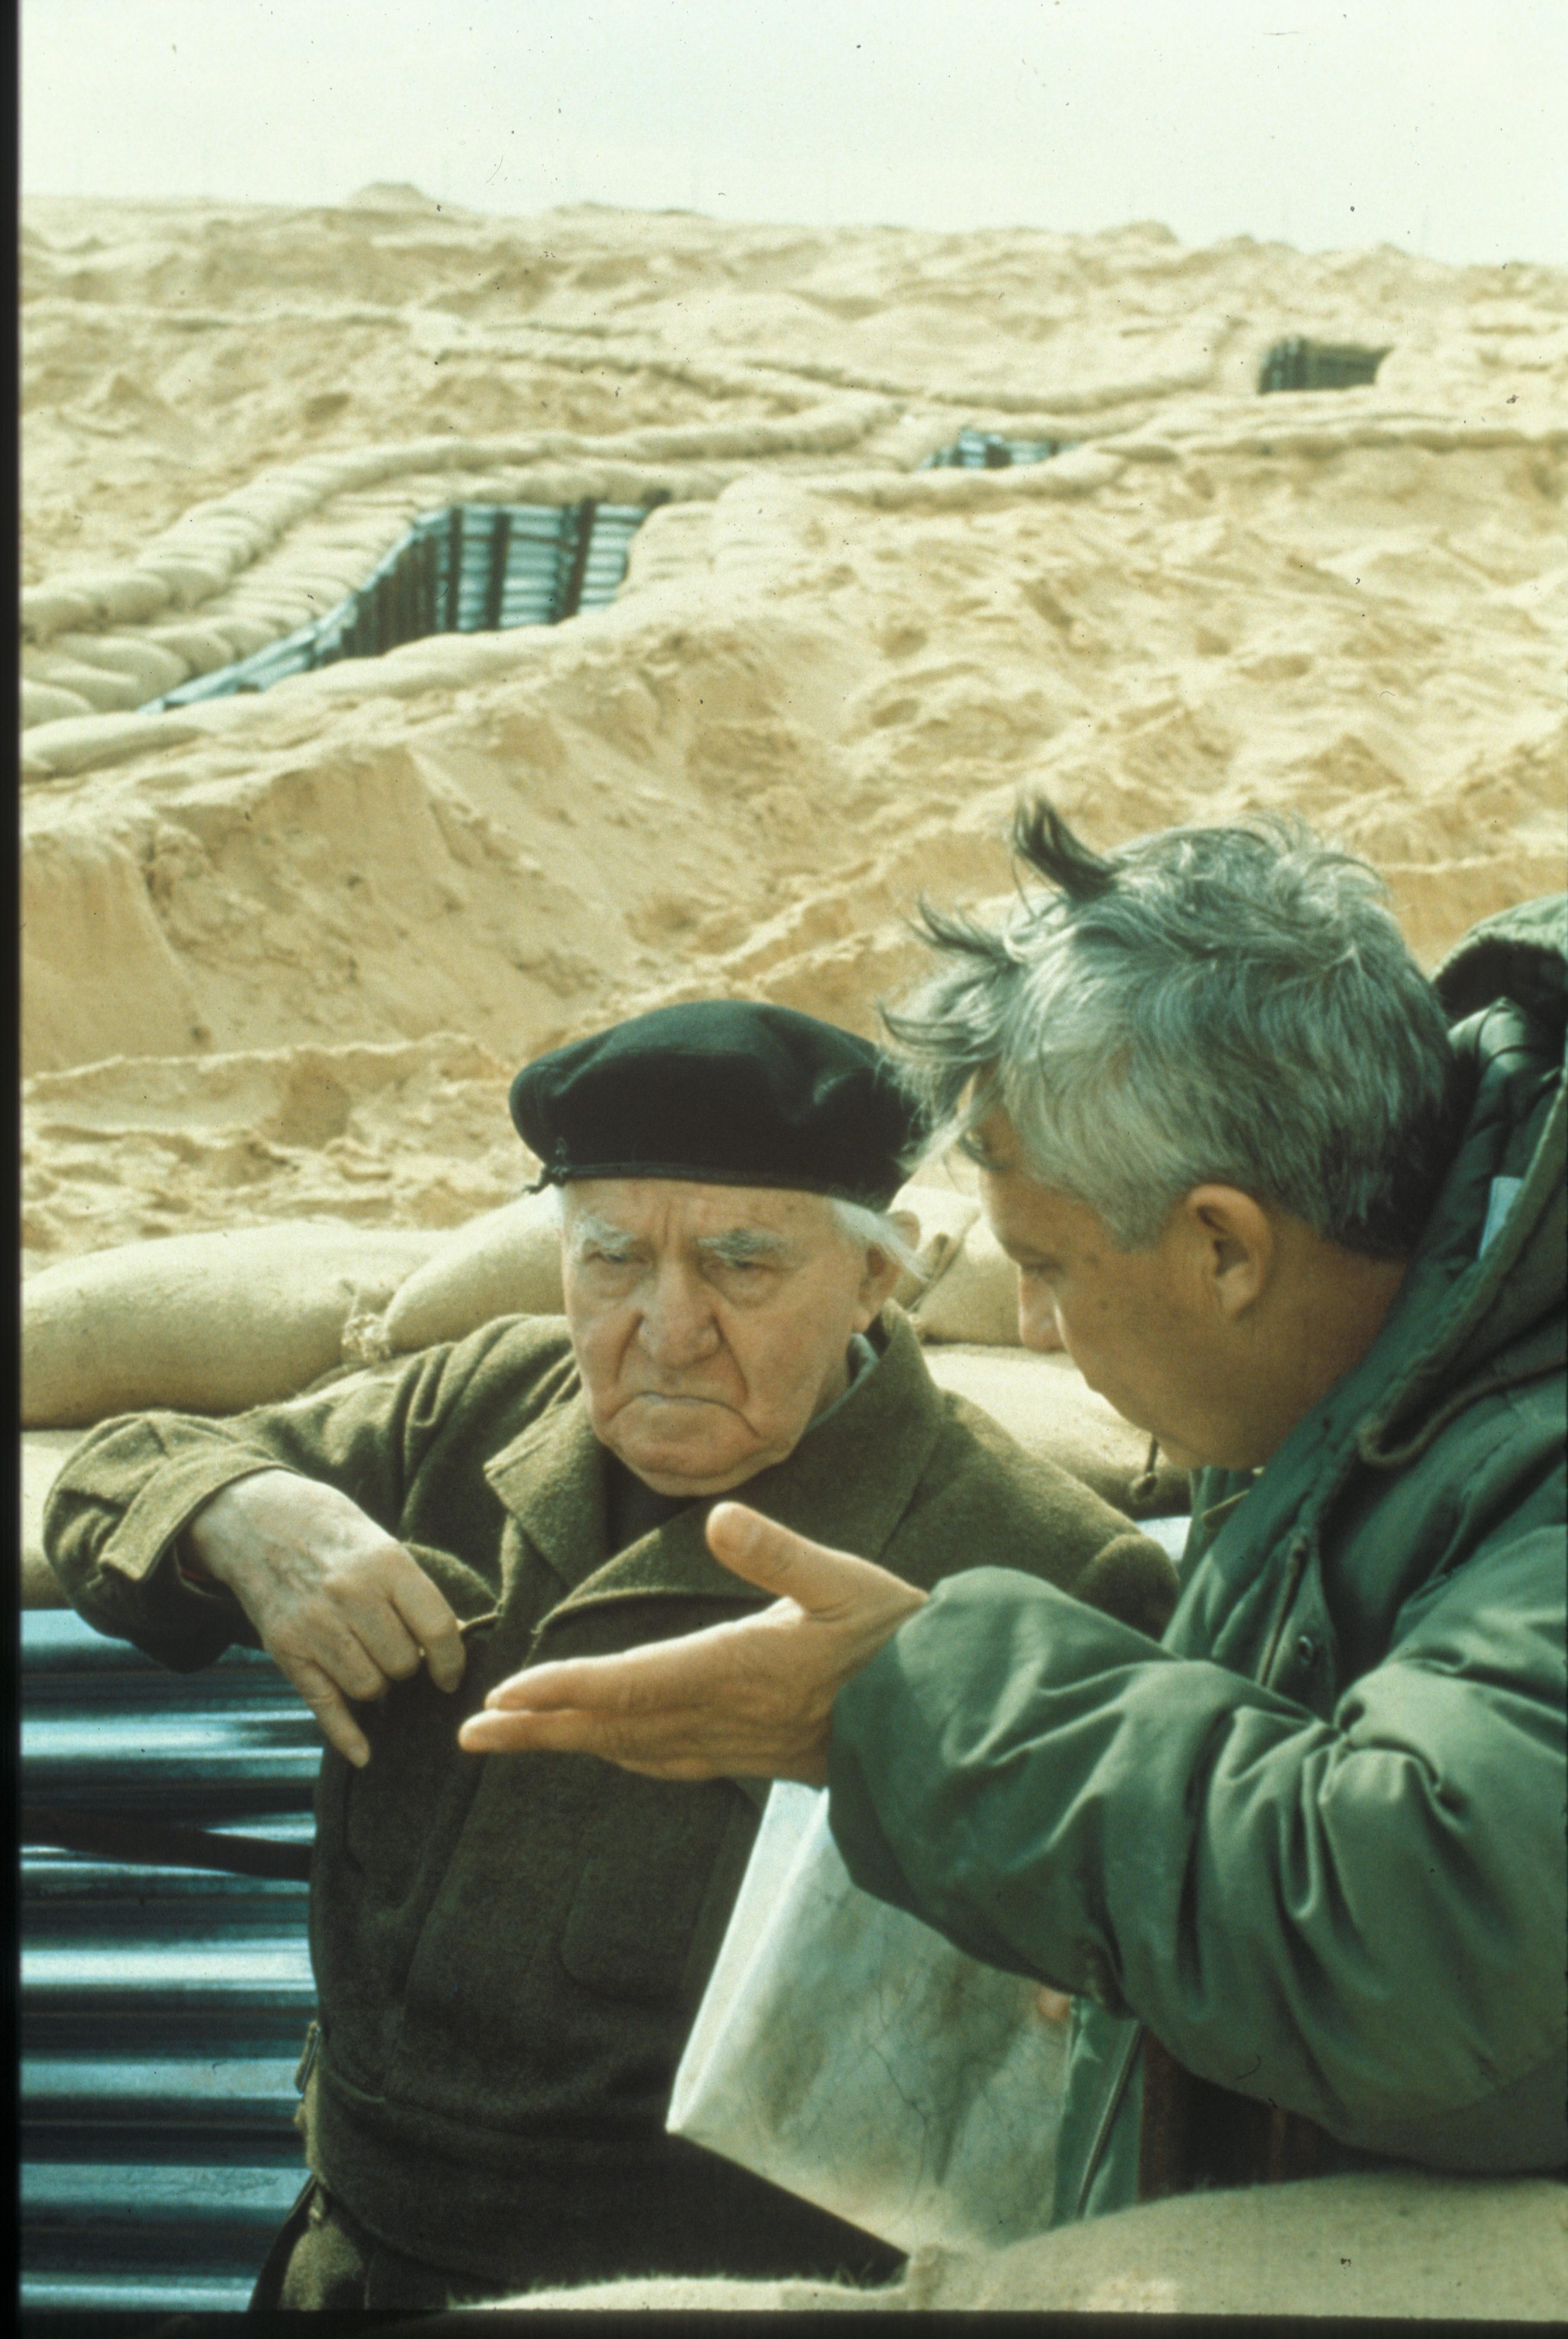 דוד בן גוריון ואריאל שרון בביקור בתעלת סואץ